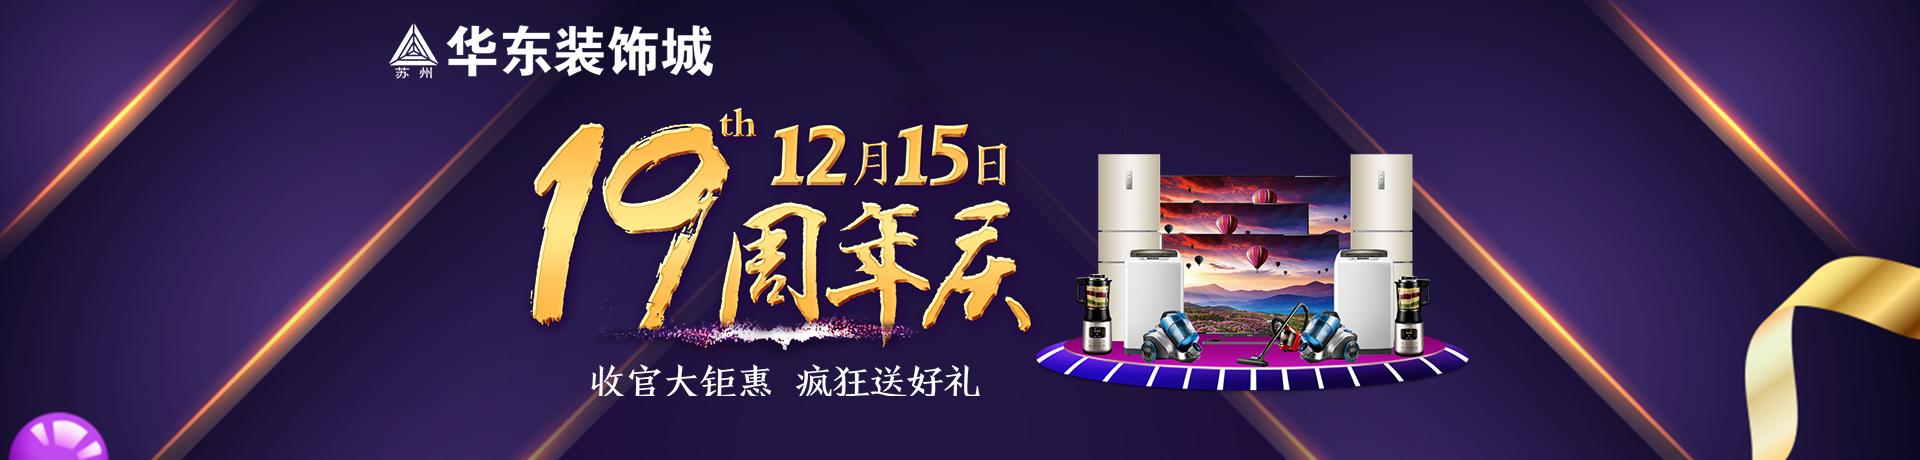 华东装饰城19周年庆